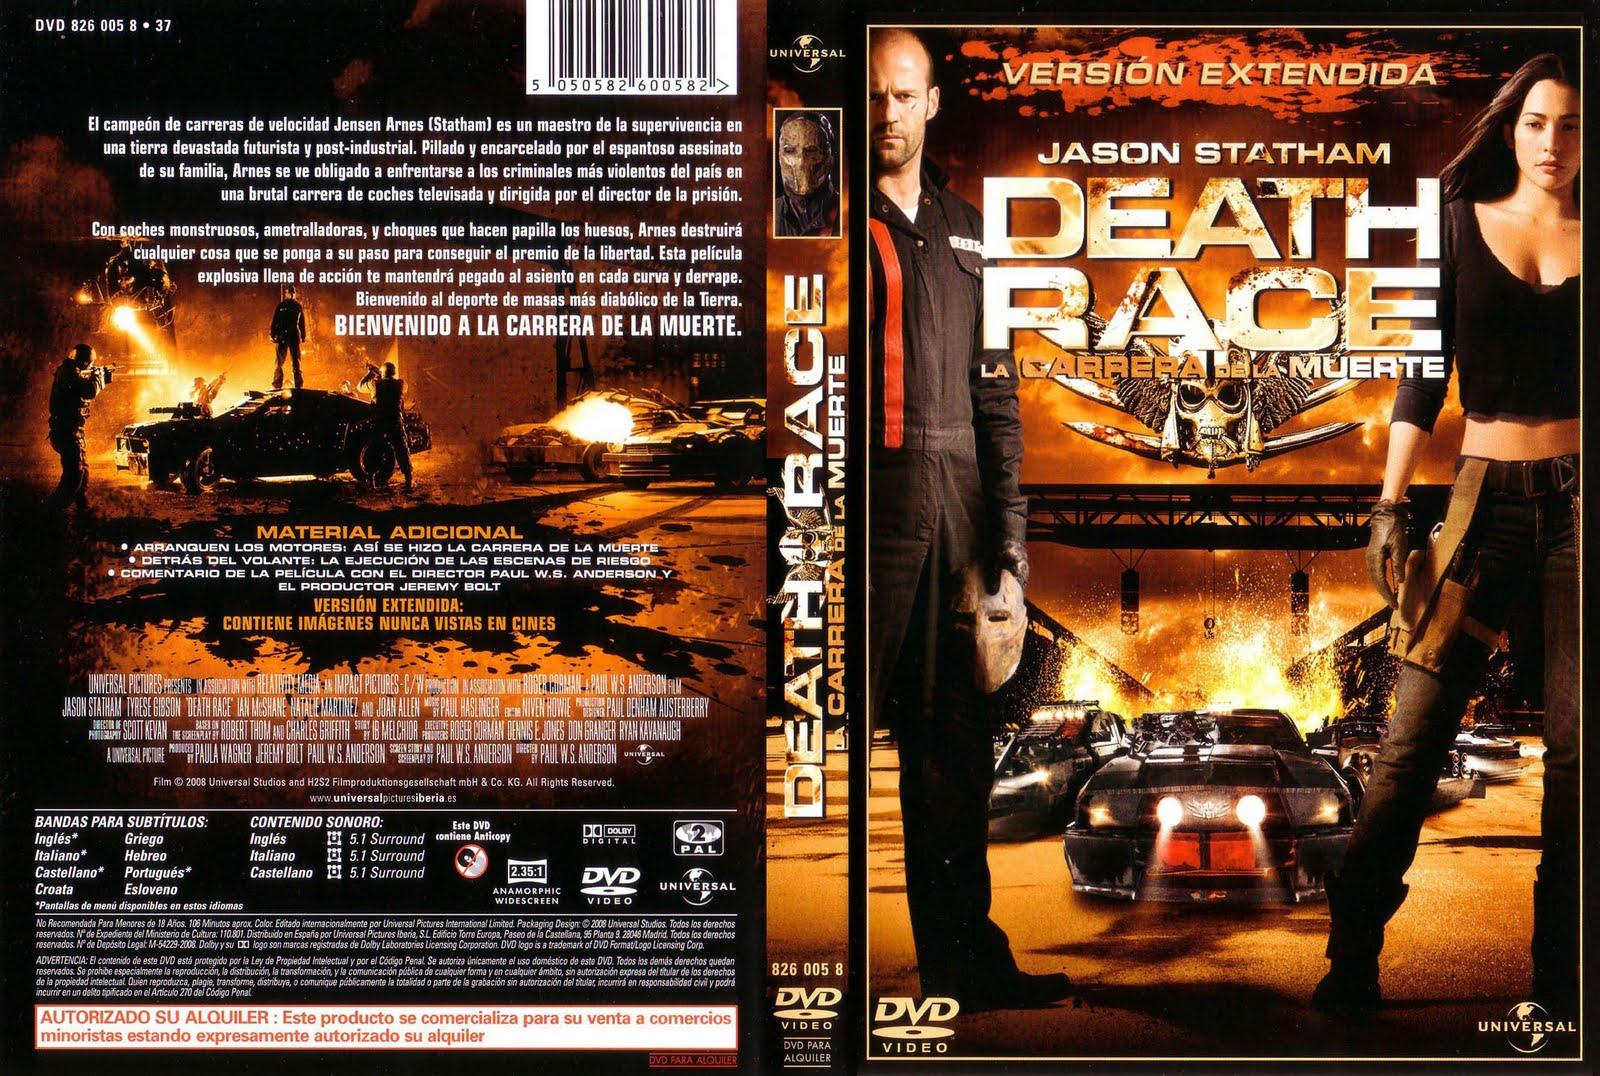 http://2.bp.blogspot.com/_FN7dlH54yBQ/TJF6vU_tADI/AAAAAAAAEB4/t4ZwKJaM6Hc/s1600/La+Carrera+De+La+Muerte.jpg